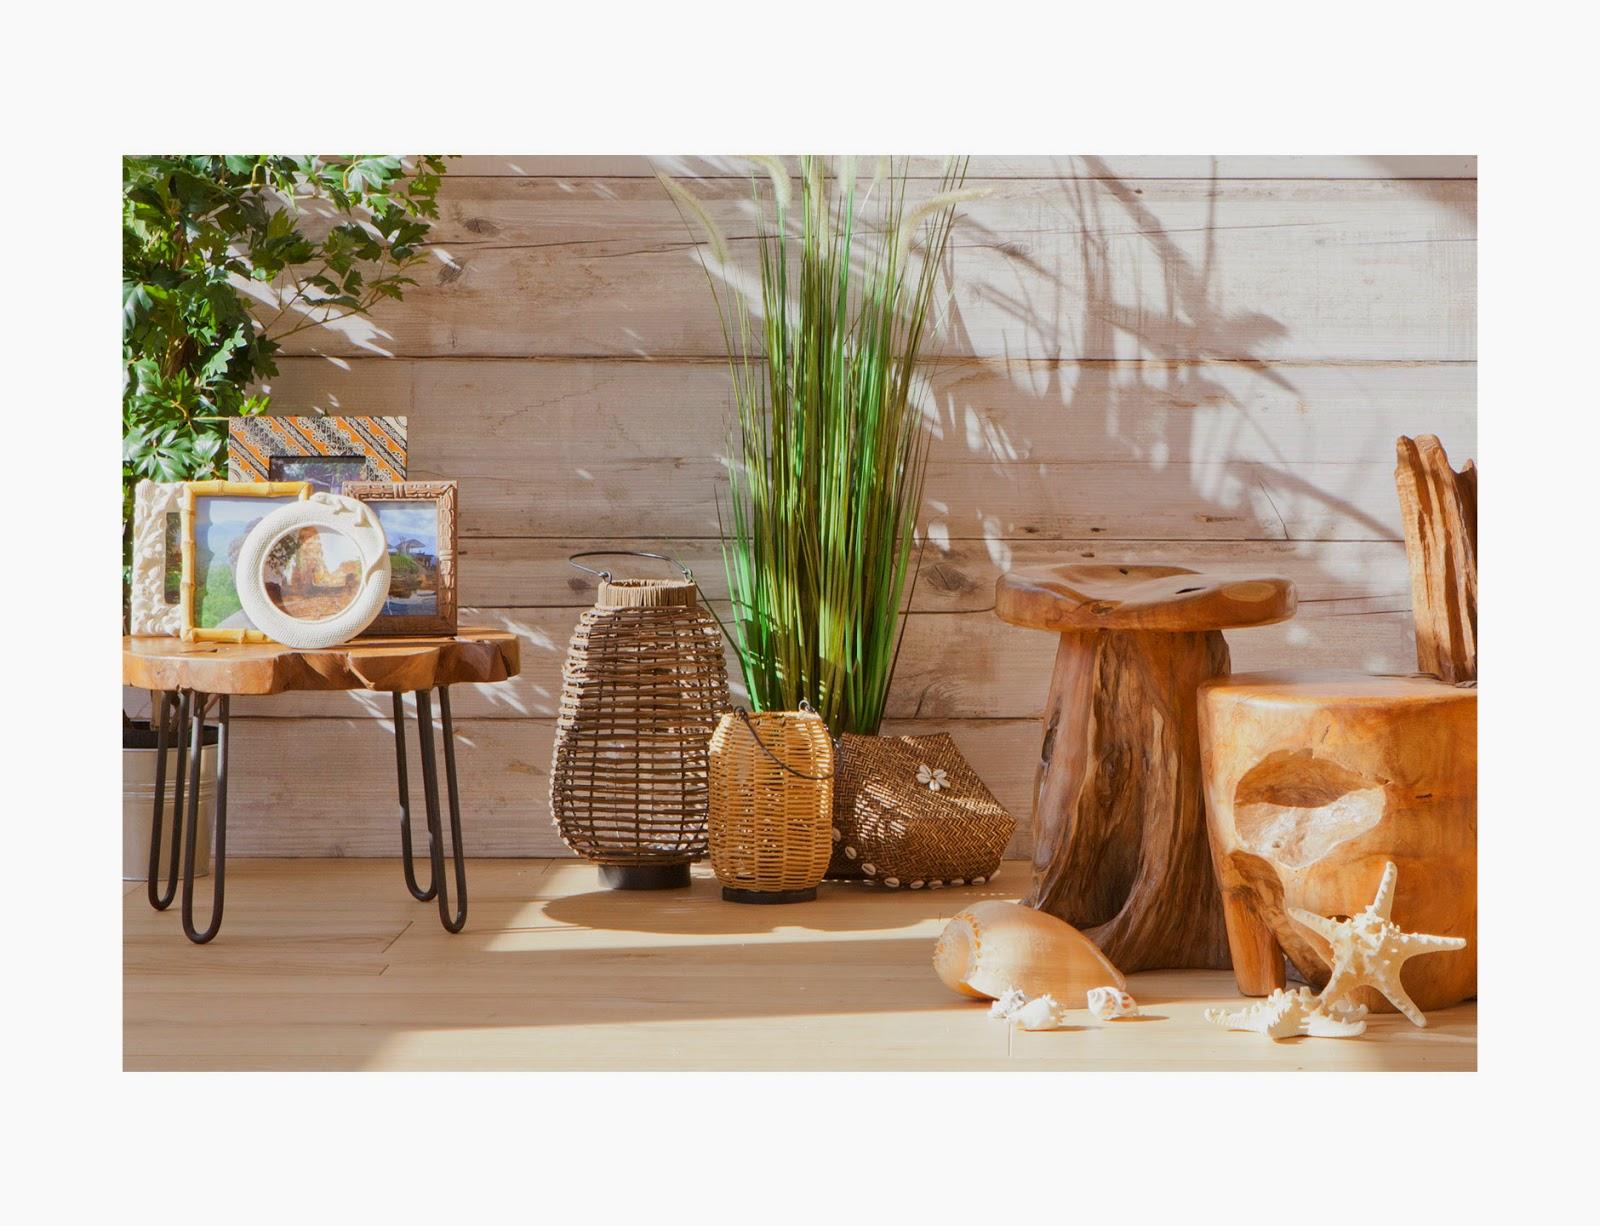 ZARAHOME: mimbre, y madera para una decoración natural y ligera